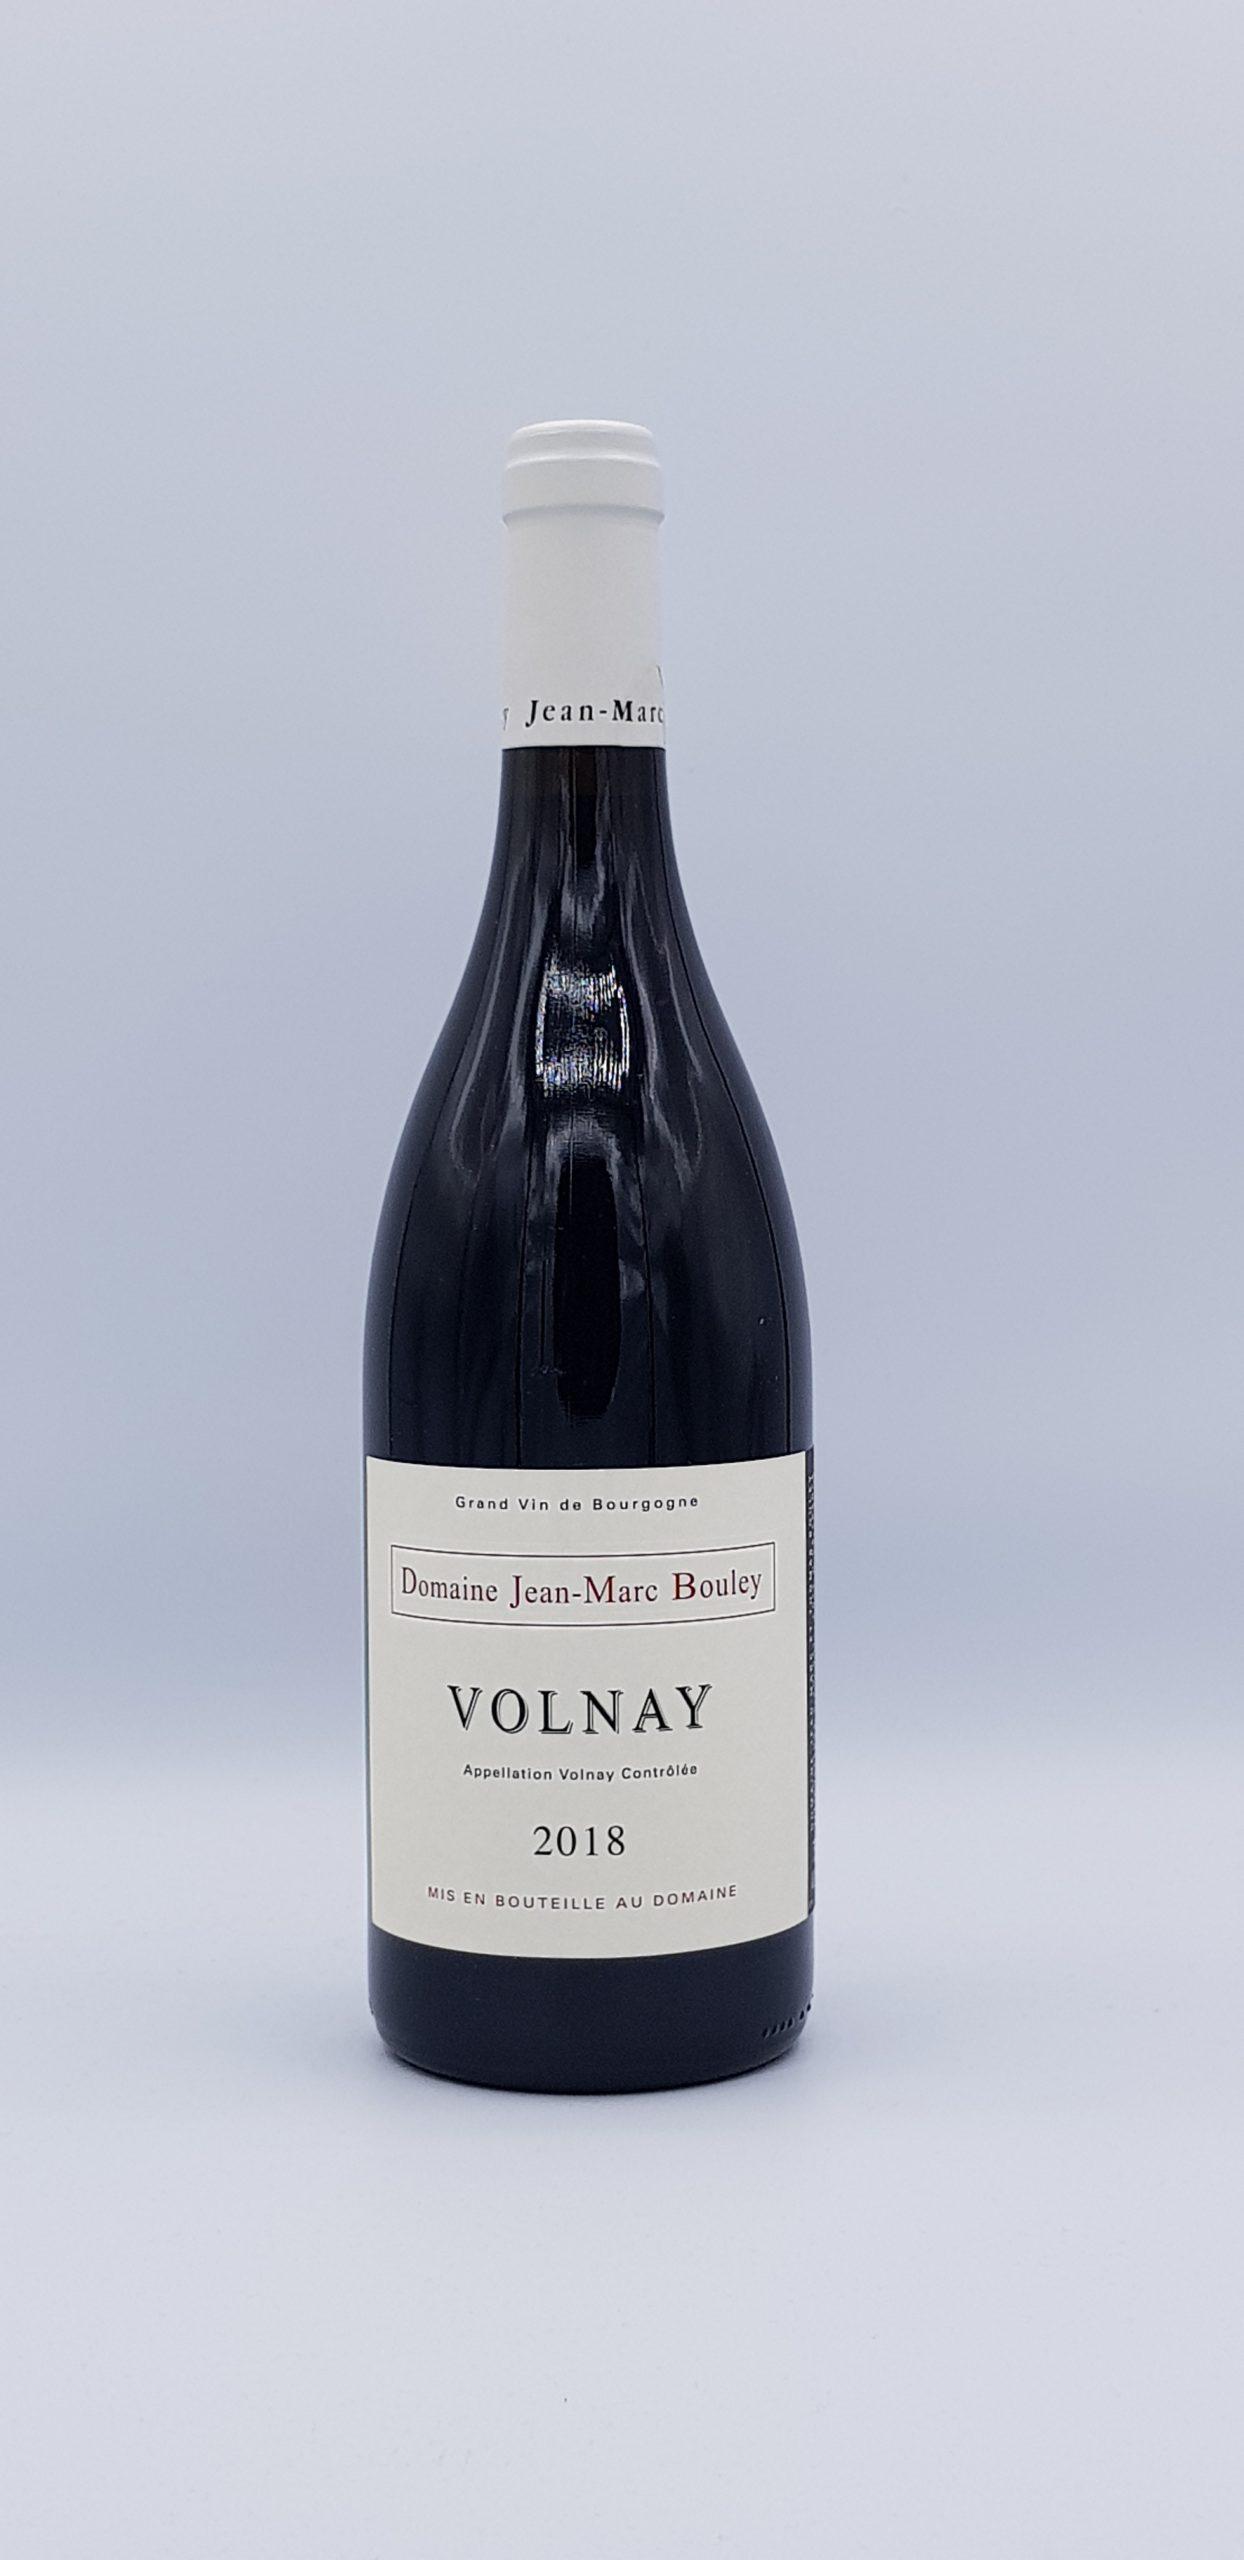 Volnay 2018